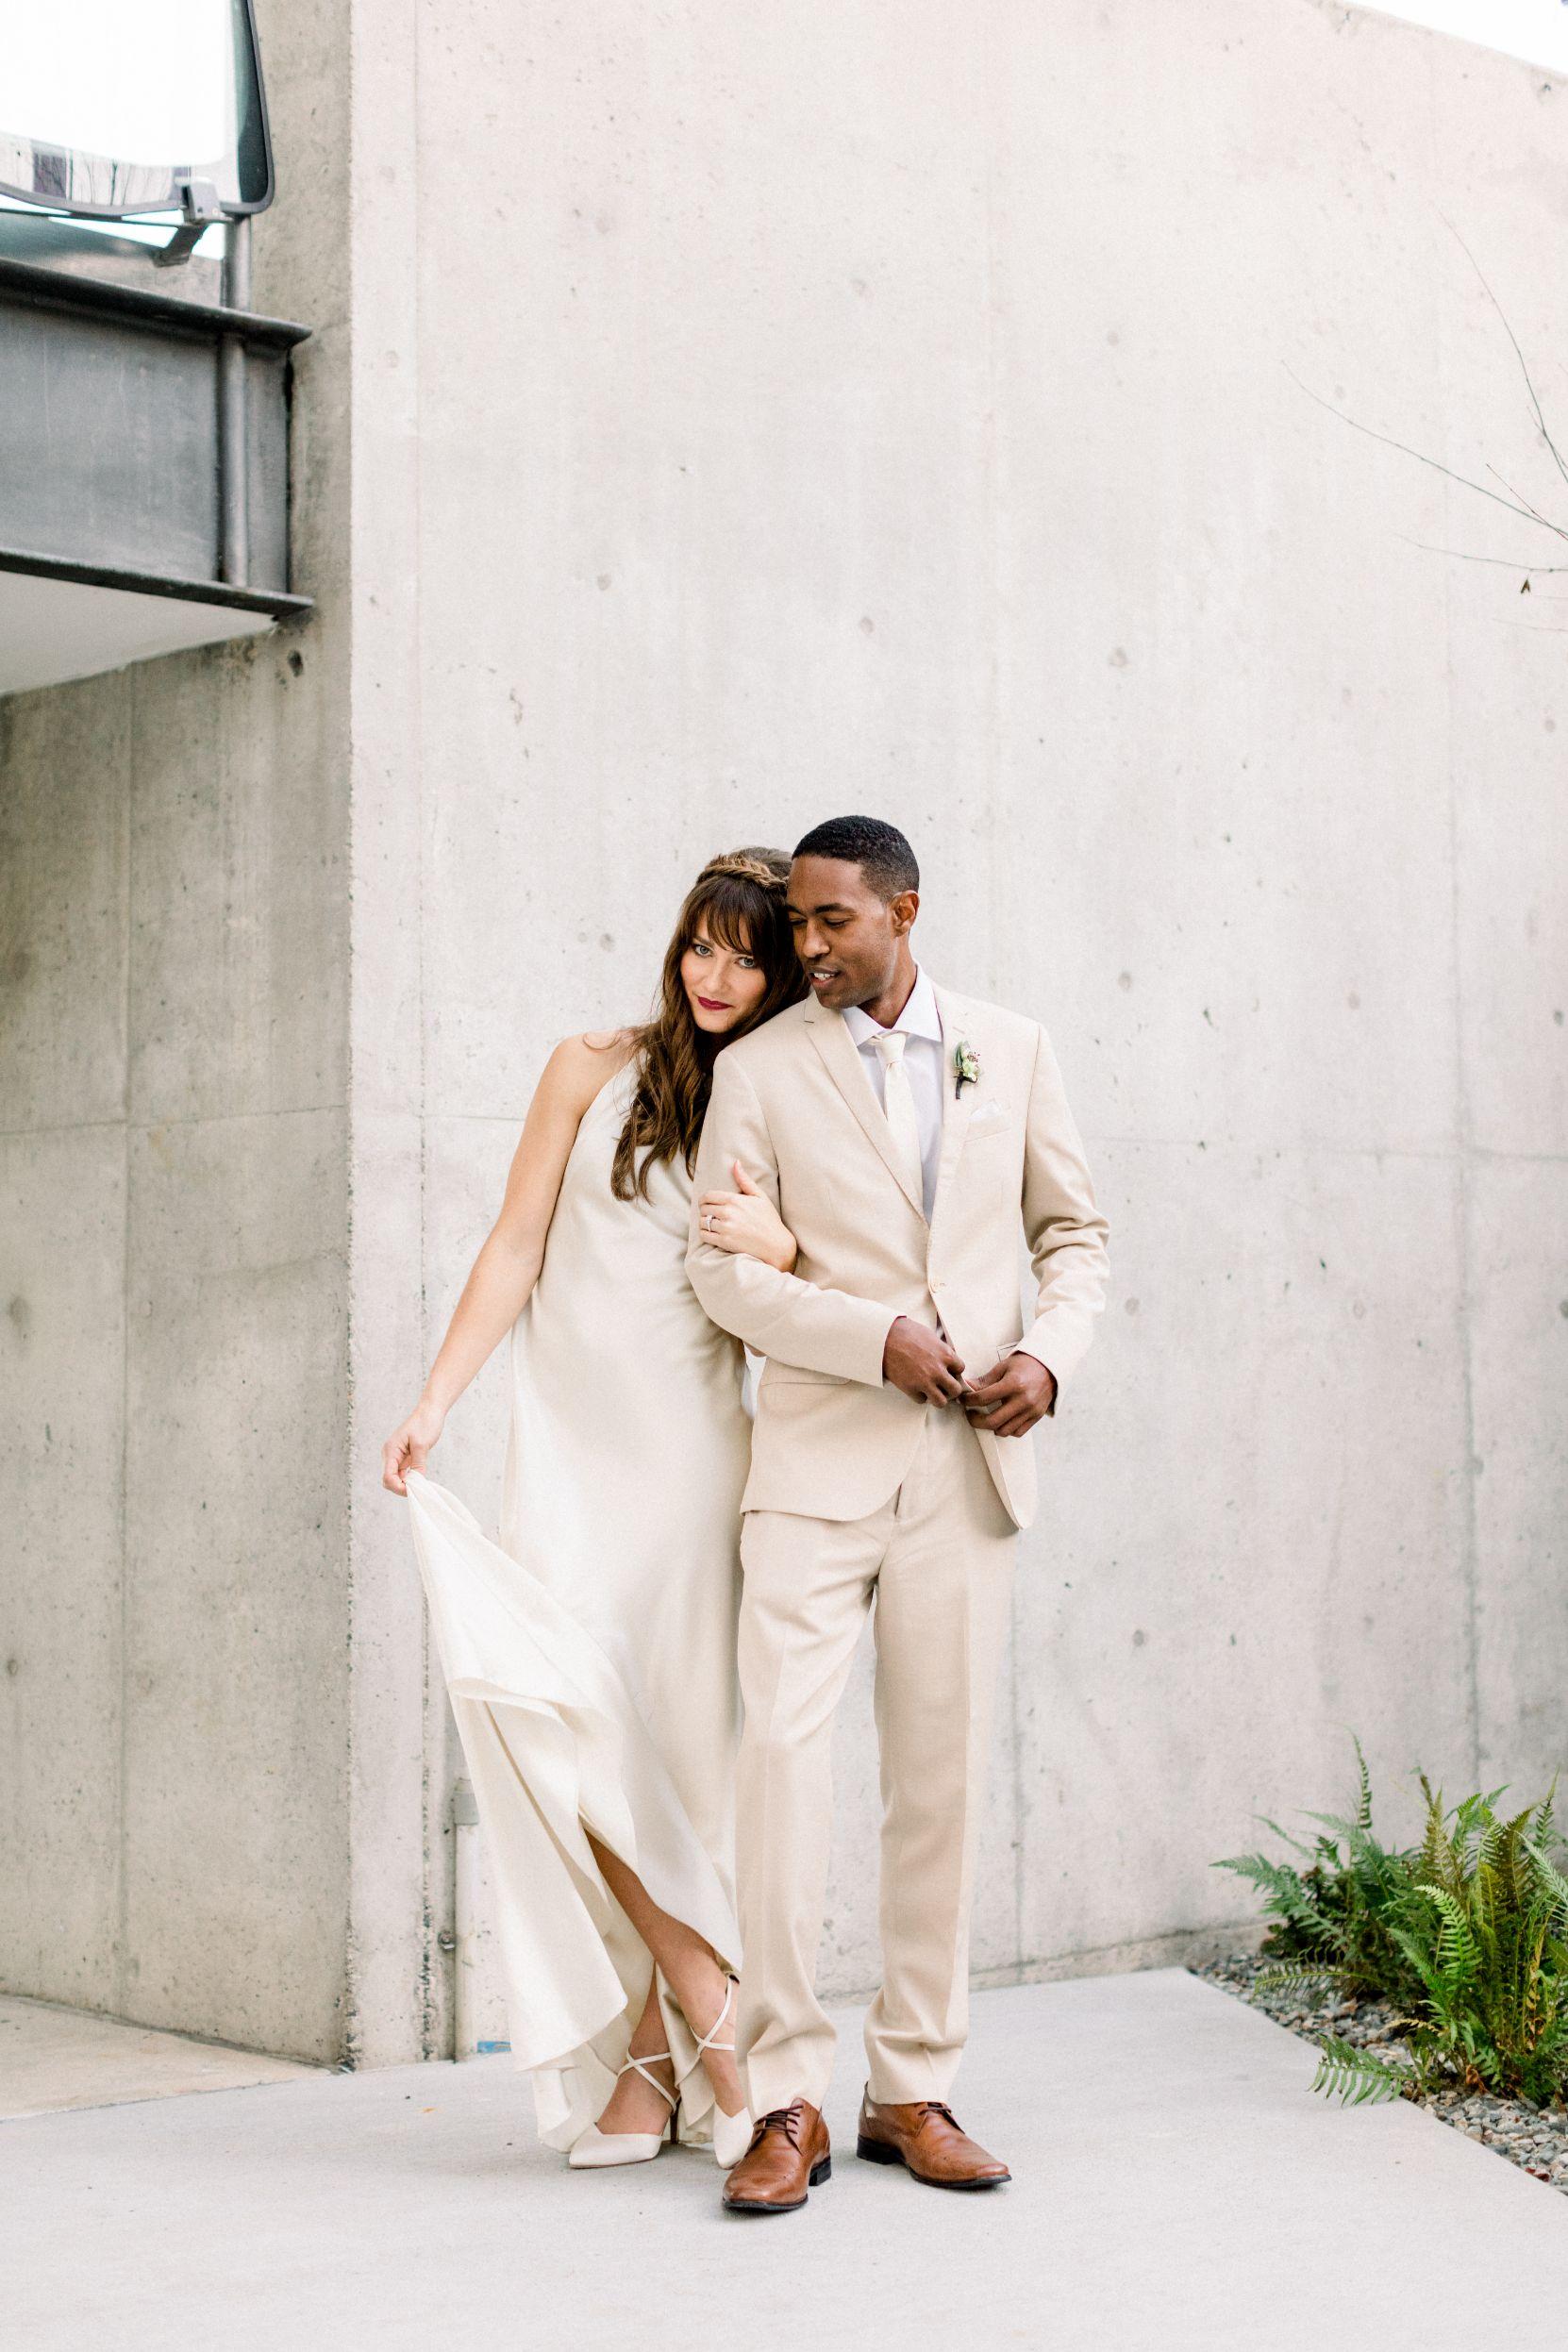 artists-for-humanity-industrial-bohemian-wedding-daylynn-designs147.jpg